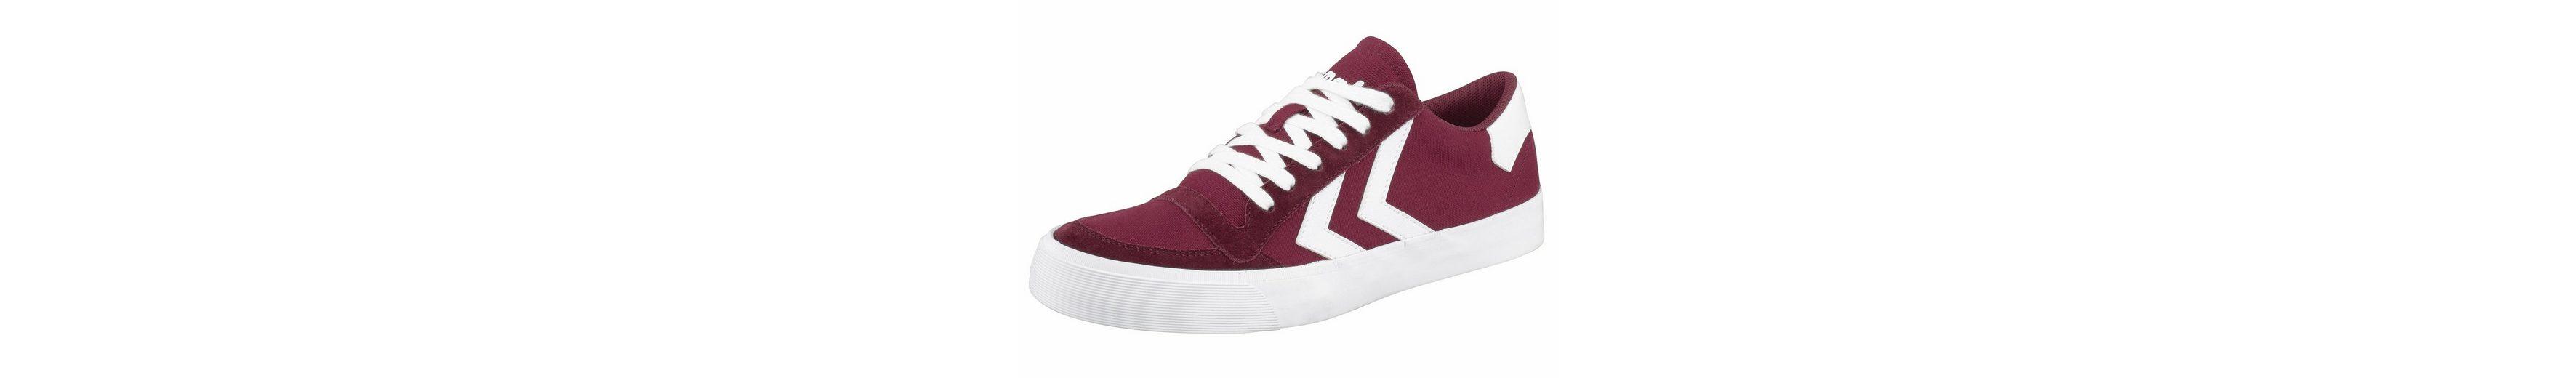 Hummel Stadil RMX Low Sneaker Kostenloser Versand Erkunden Verkauf Online Großhandelspreis Günstig Online kWY4H73w